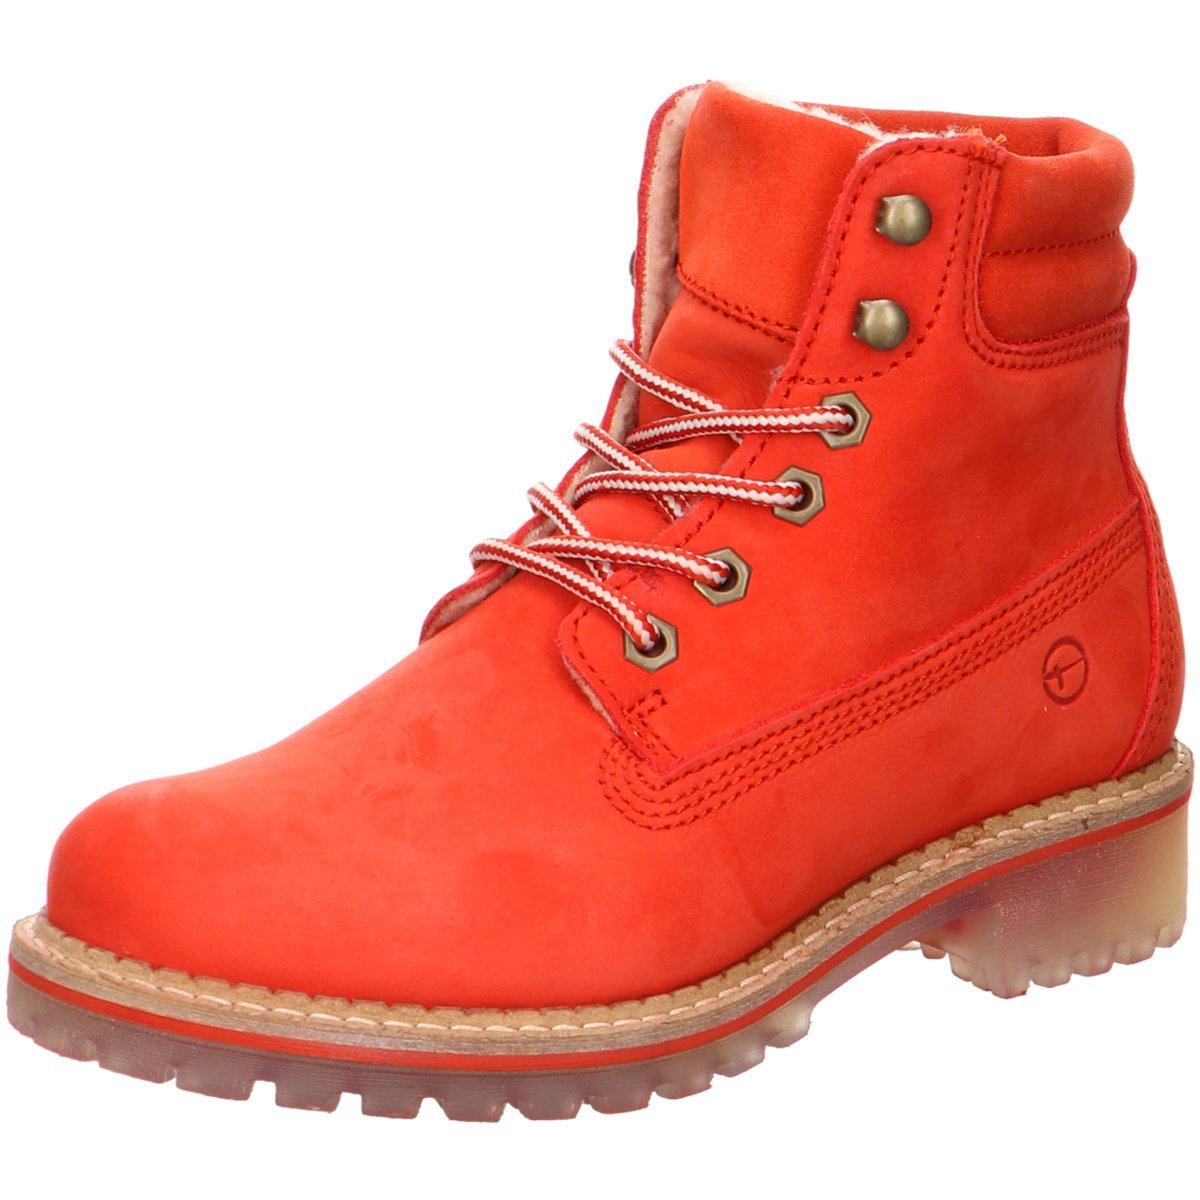 26707 Orange 31 Stiefeletten 686 1 1 588857 Tamaris 2670